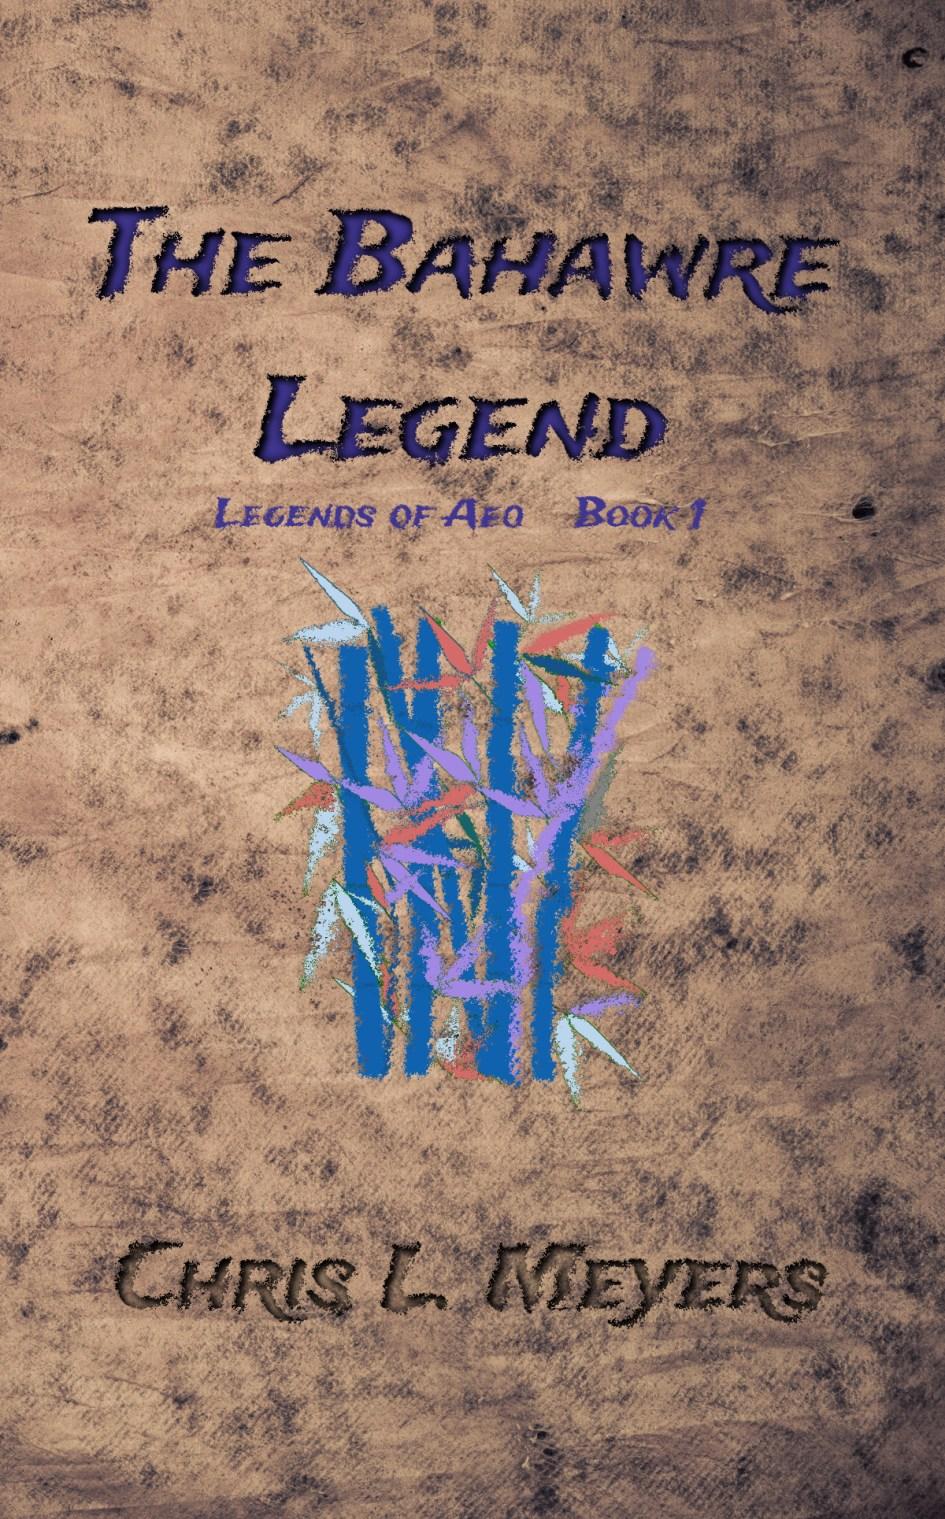 bahawre legend